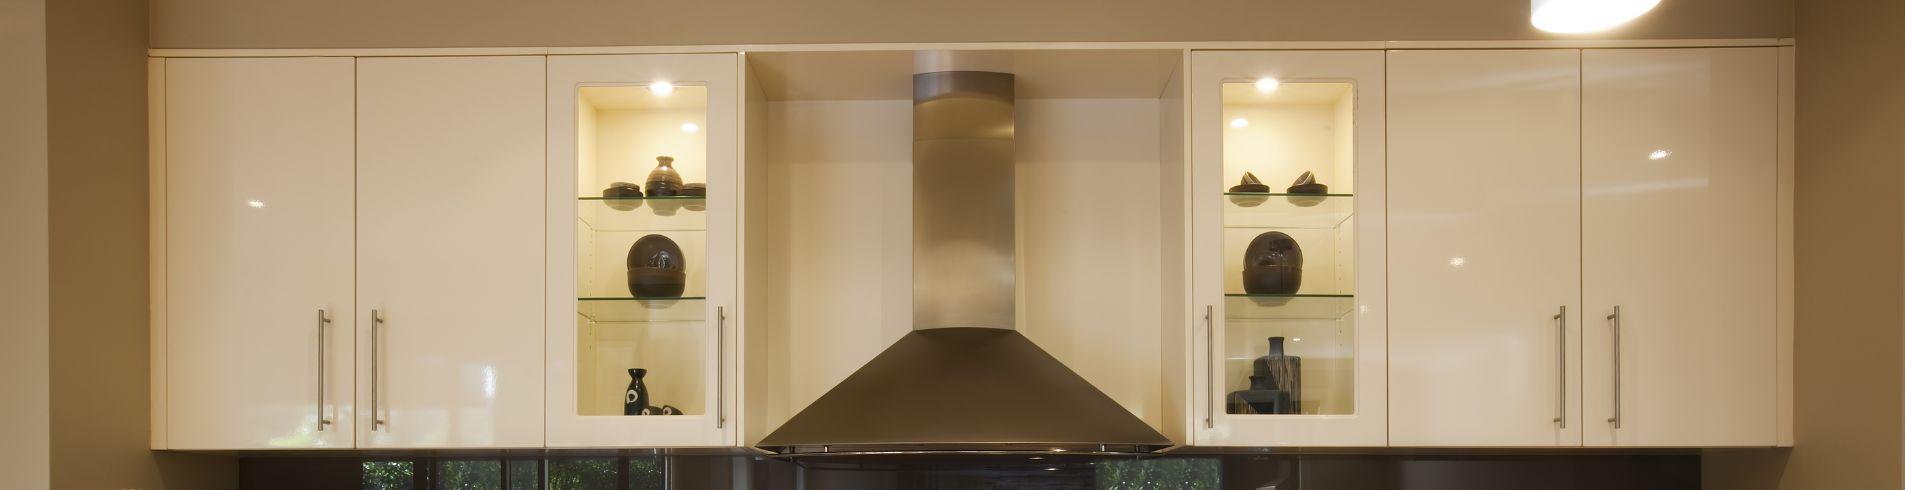 Photo of custom white kitchen cabinets.